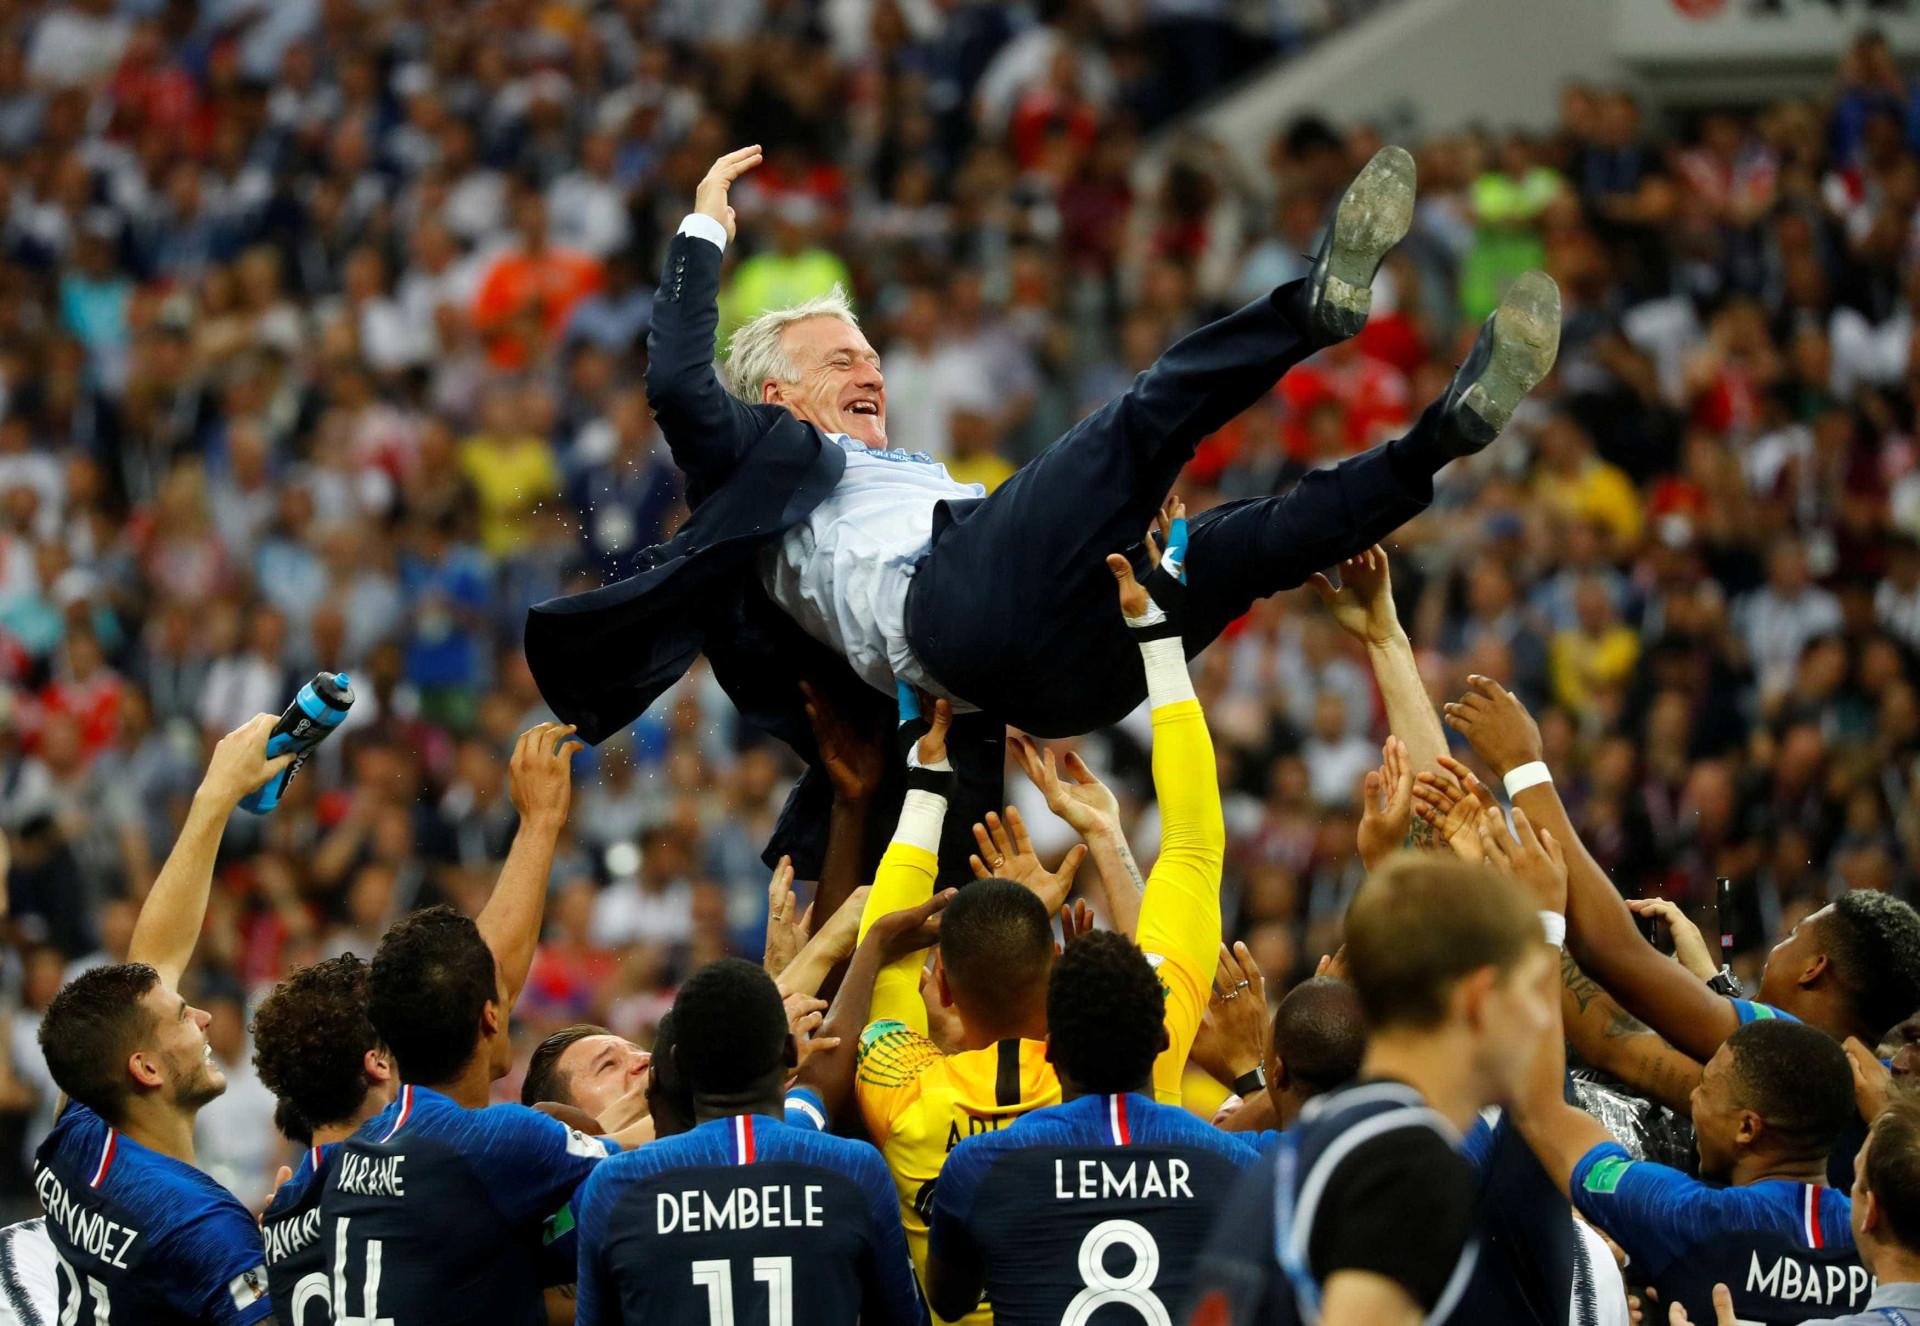 Relembre quem foi campeão de cada edição da Copa do Mundo